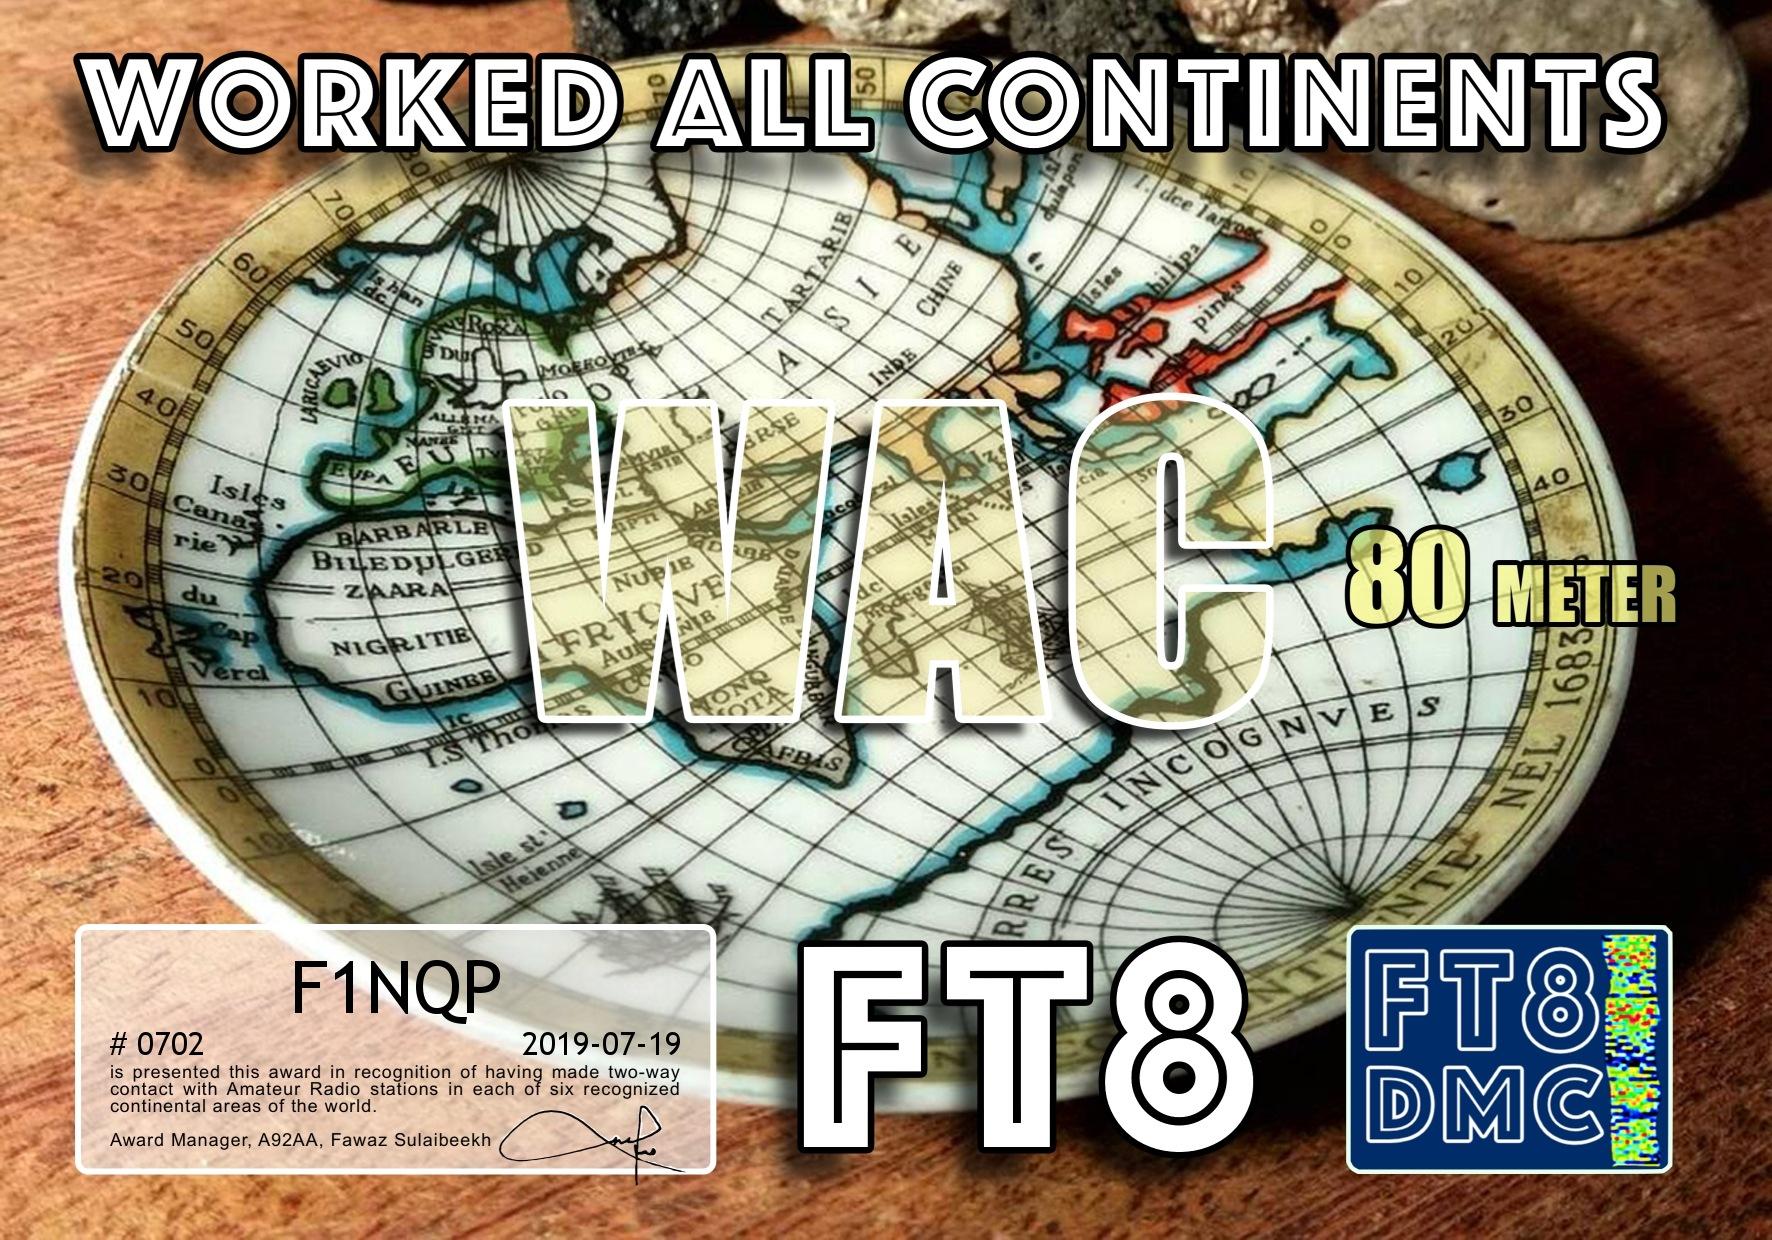 F1NQP-WAC-80M.jpg